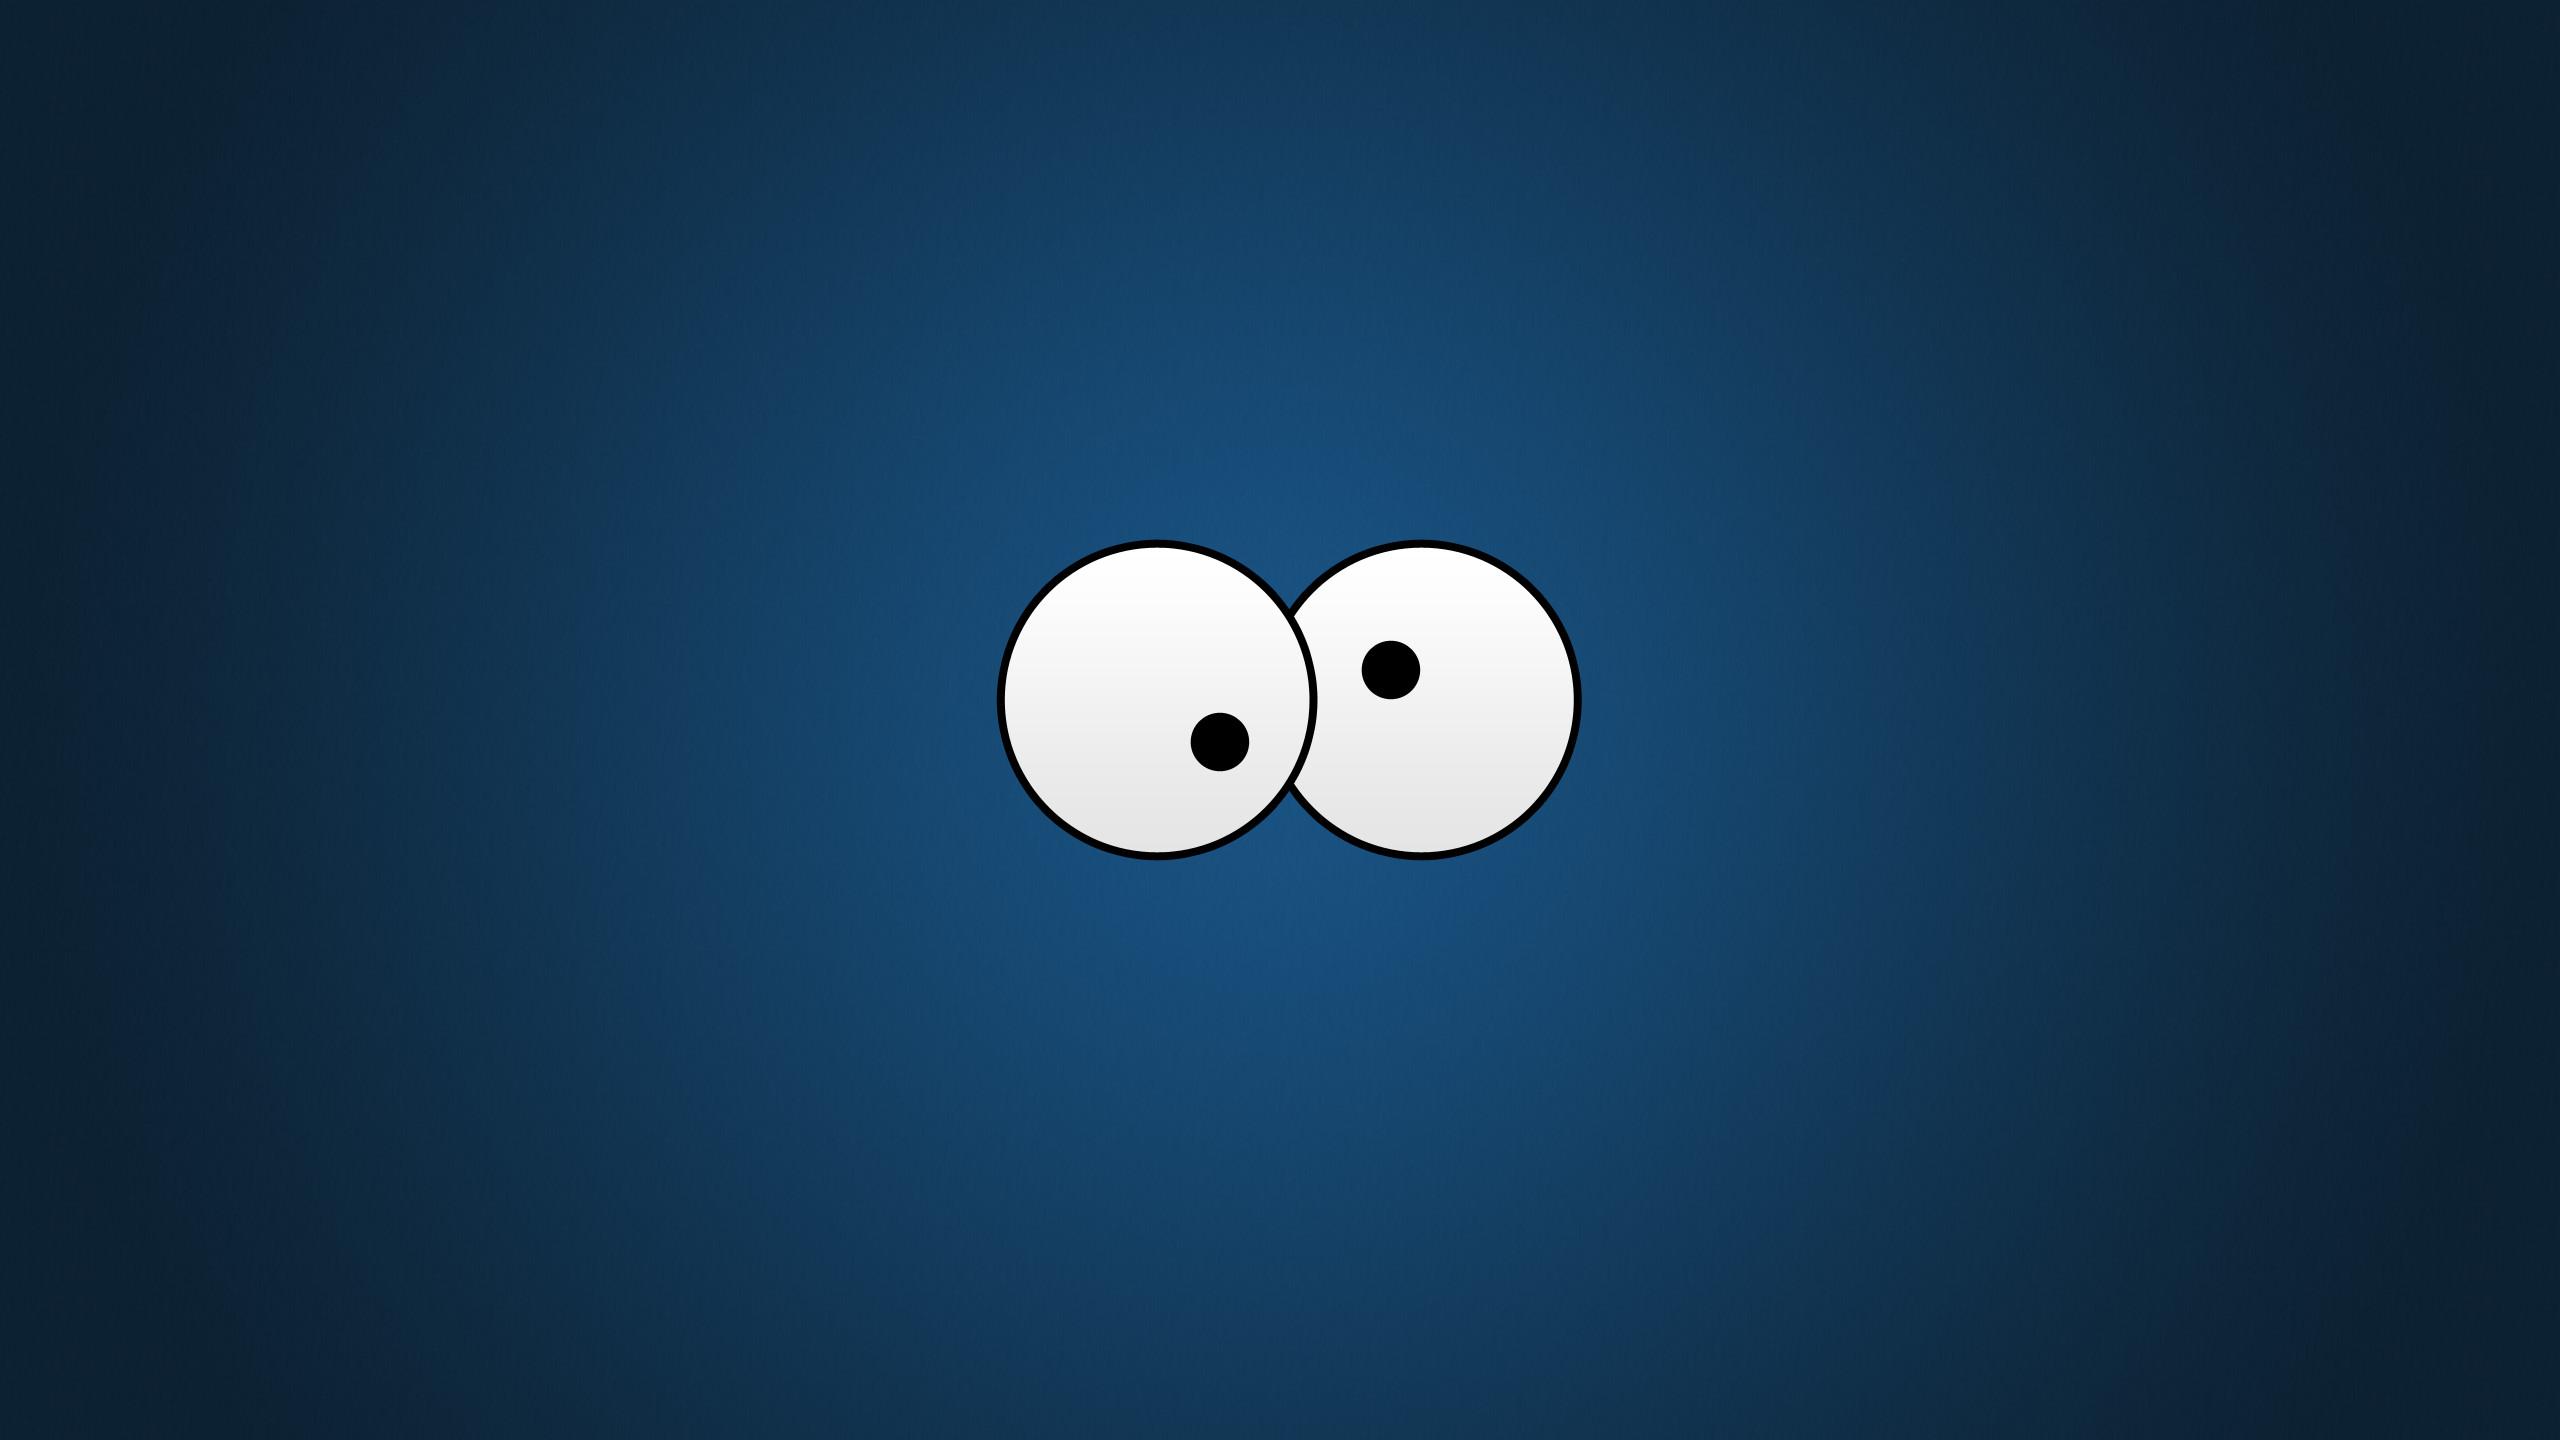 2560x1440 Cookie Monster Wallpaper Download TV